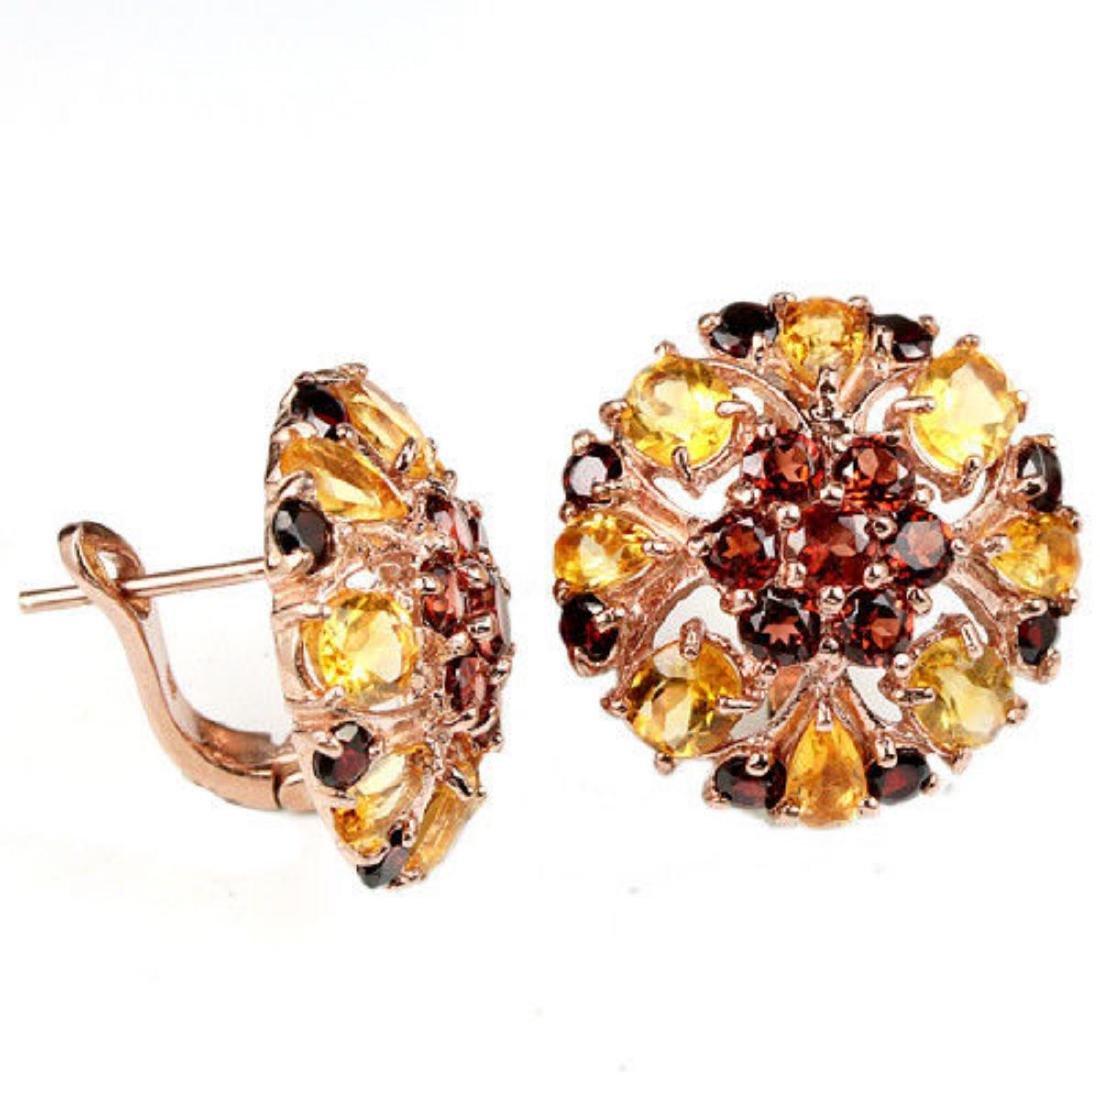 NATURAL AAA DARK ORANGE RED GARNET CITRINE Earrings - 2